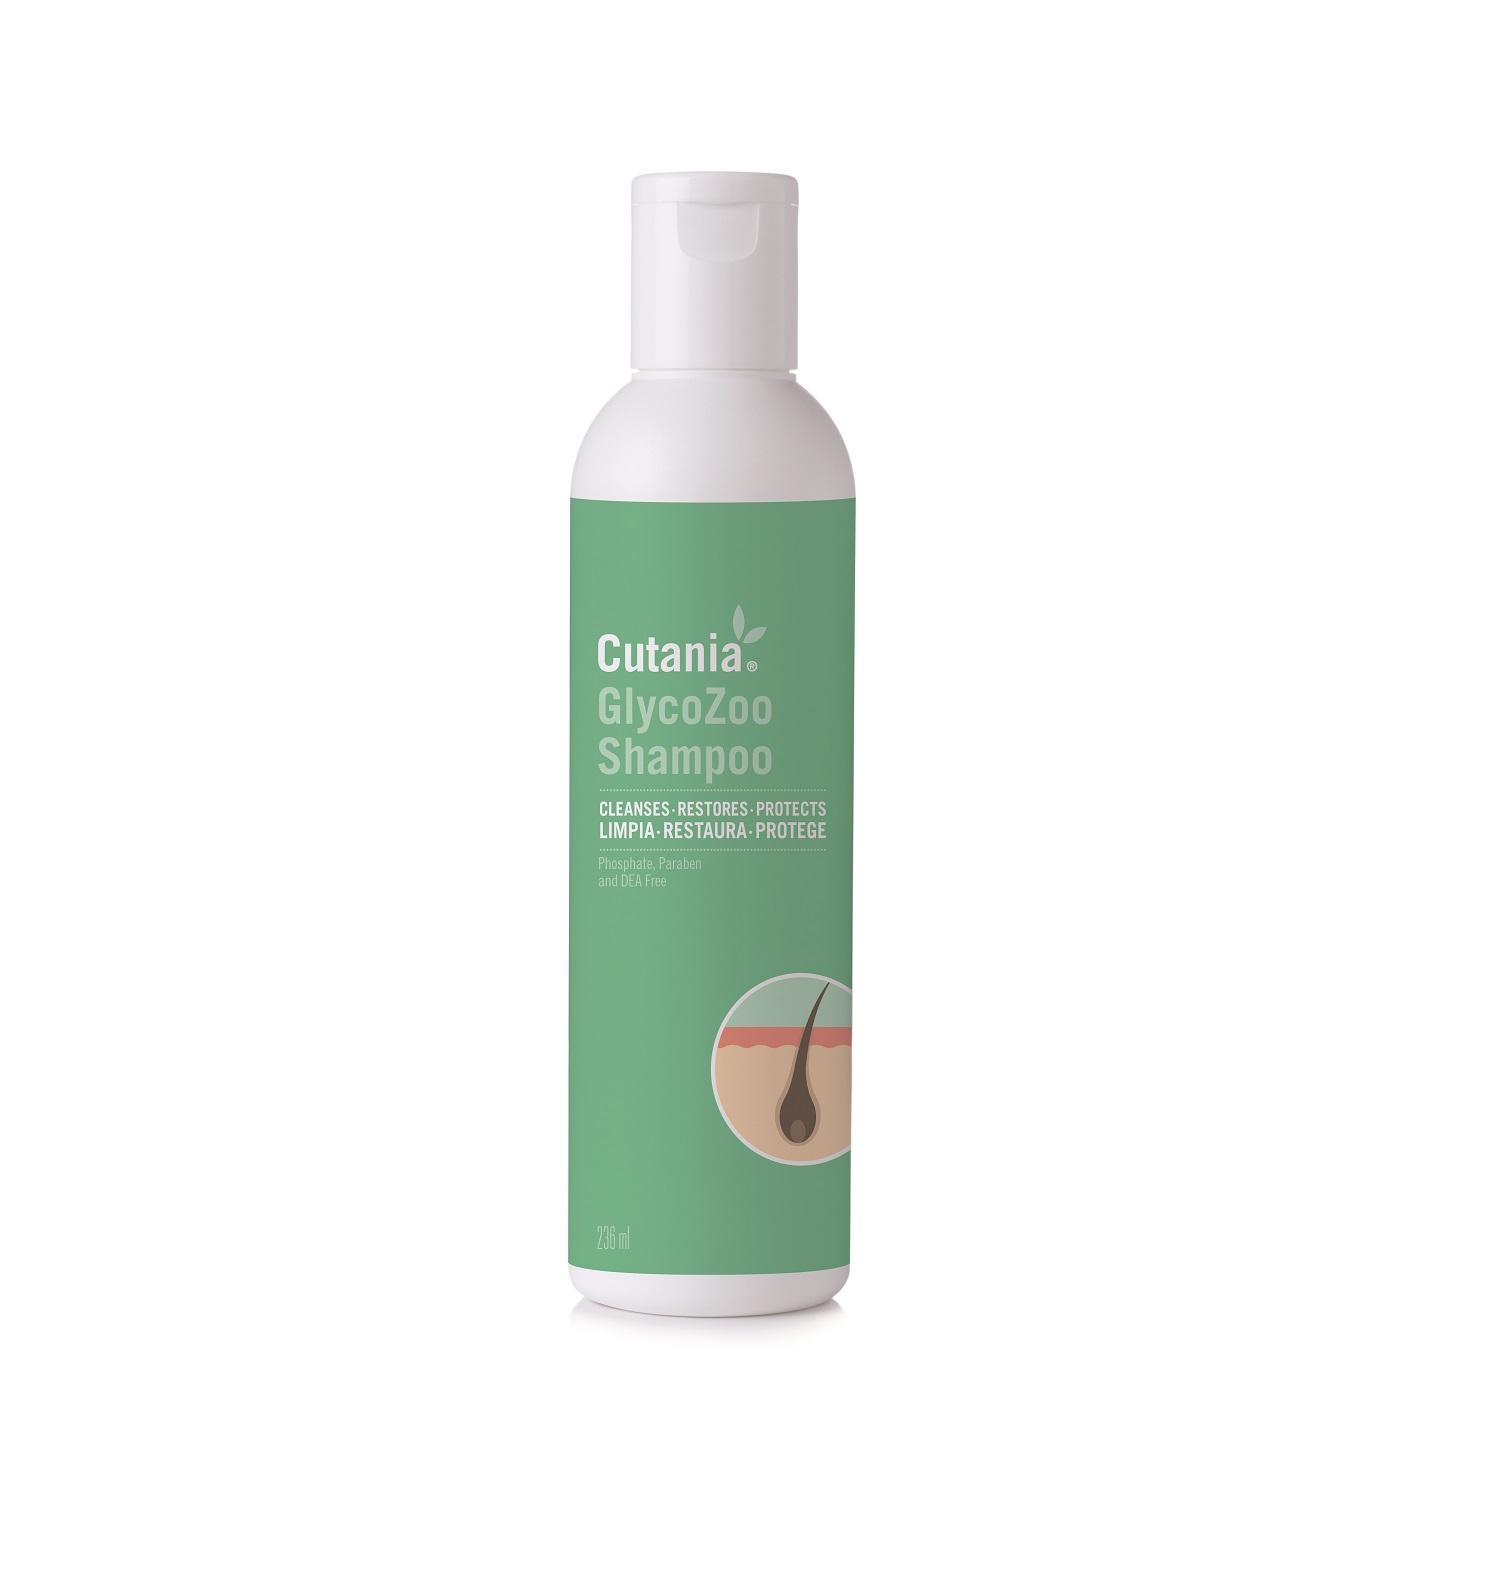 CUTANIA GlycoZoo Shampoo - Website